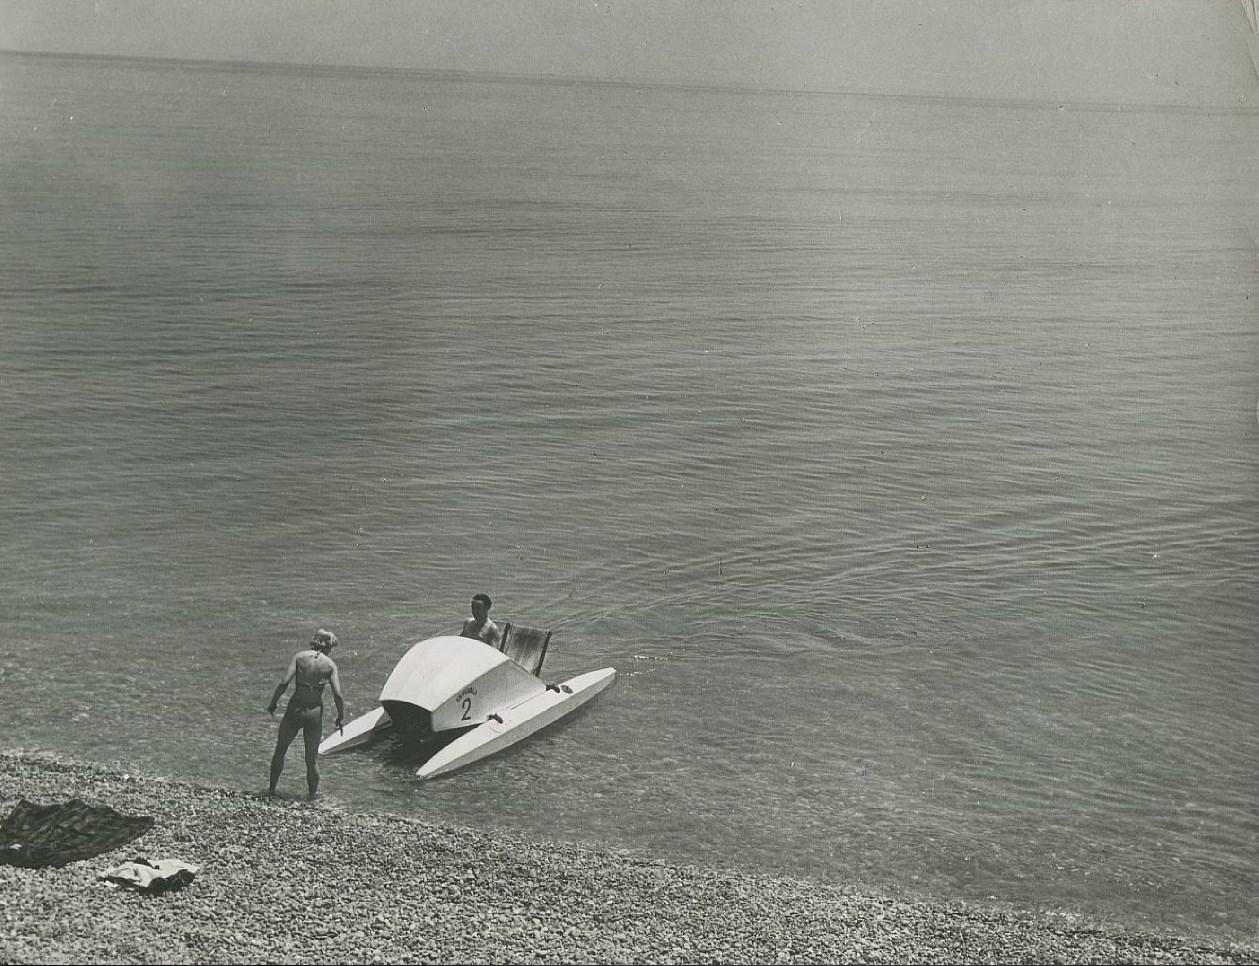 Пикап на пляже при помощи катамарана. Часть 2